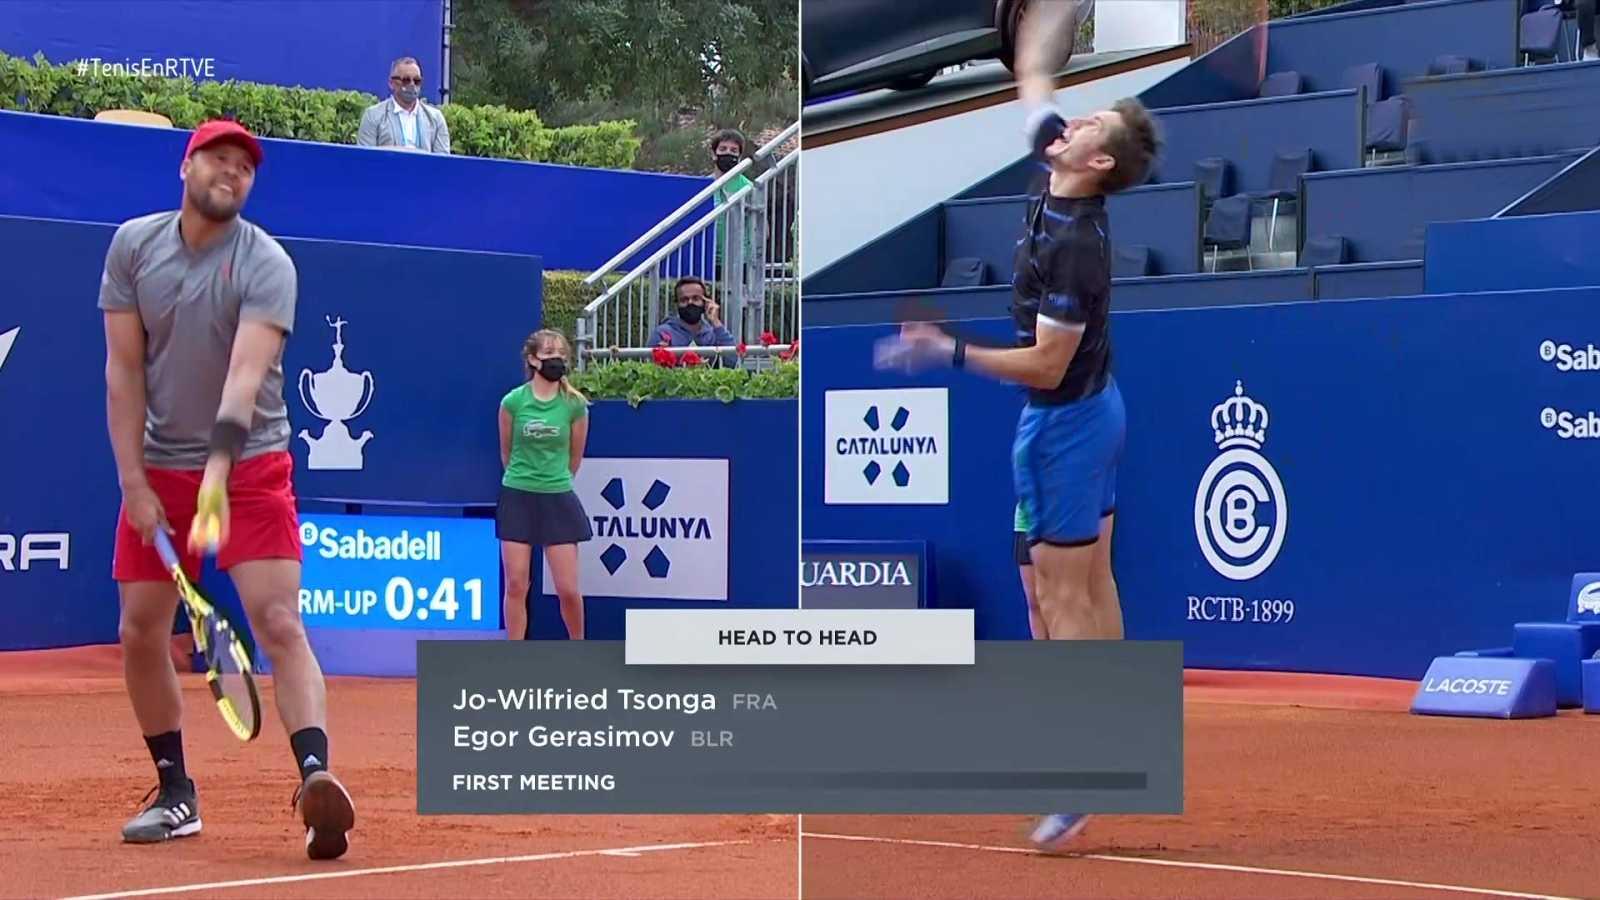 Tenis - ATP 500 Trofeo Conde de Godó. 2º partido: Tsonga - Gerasimov - ver ahora